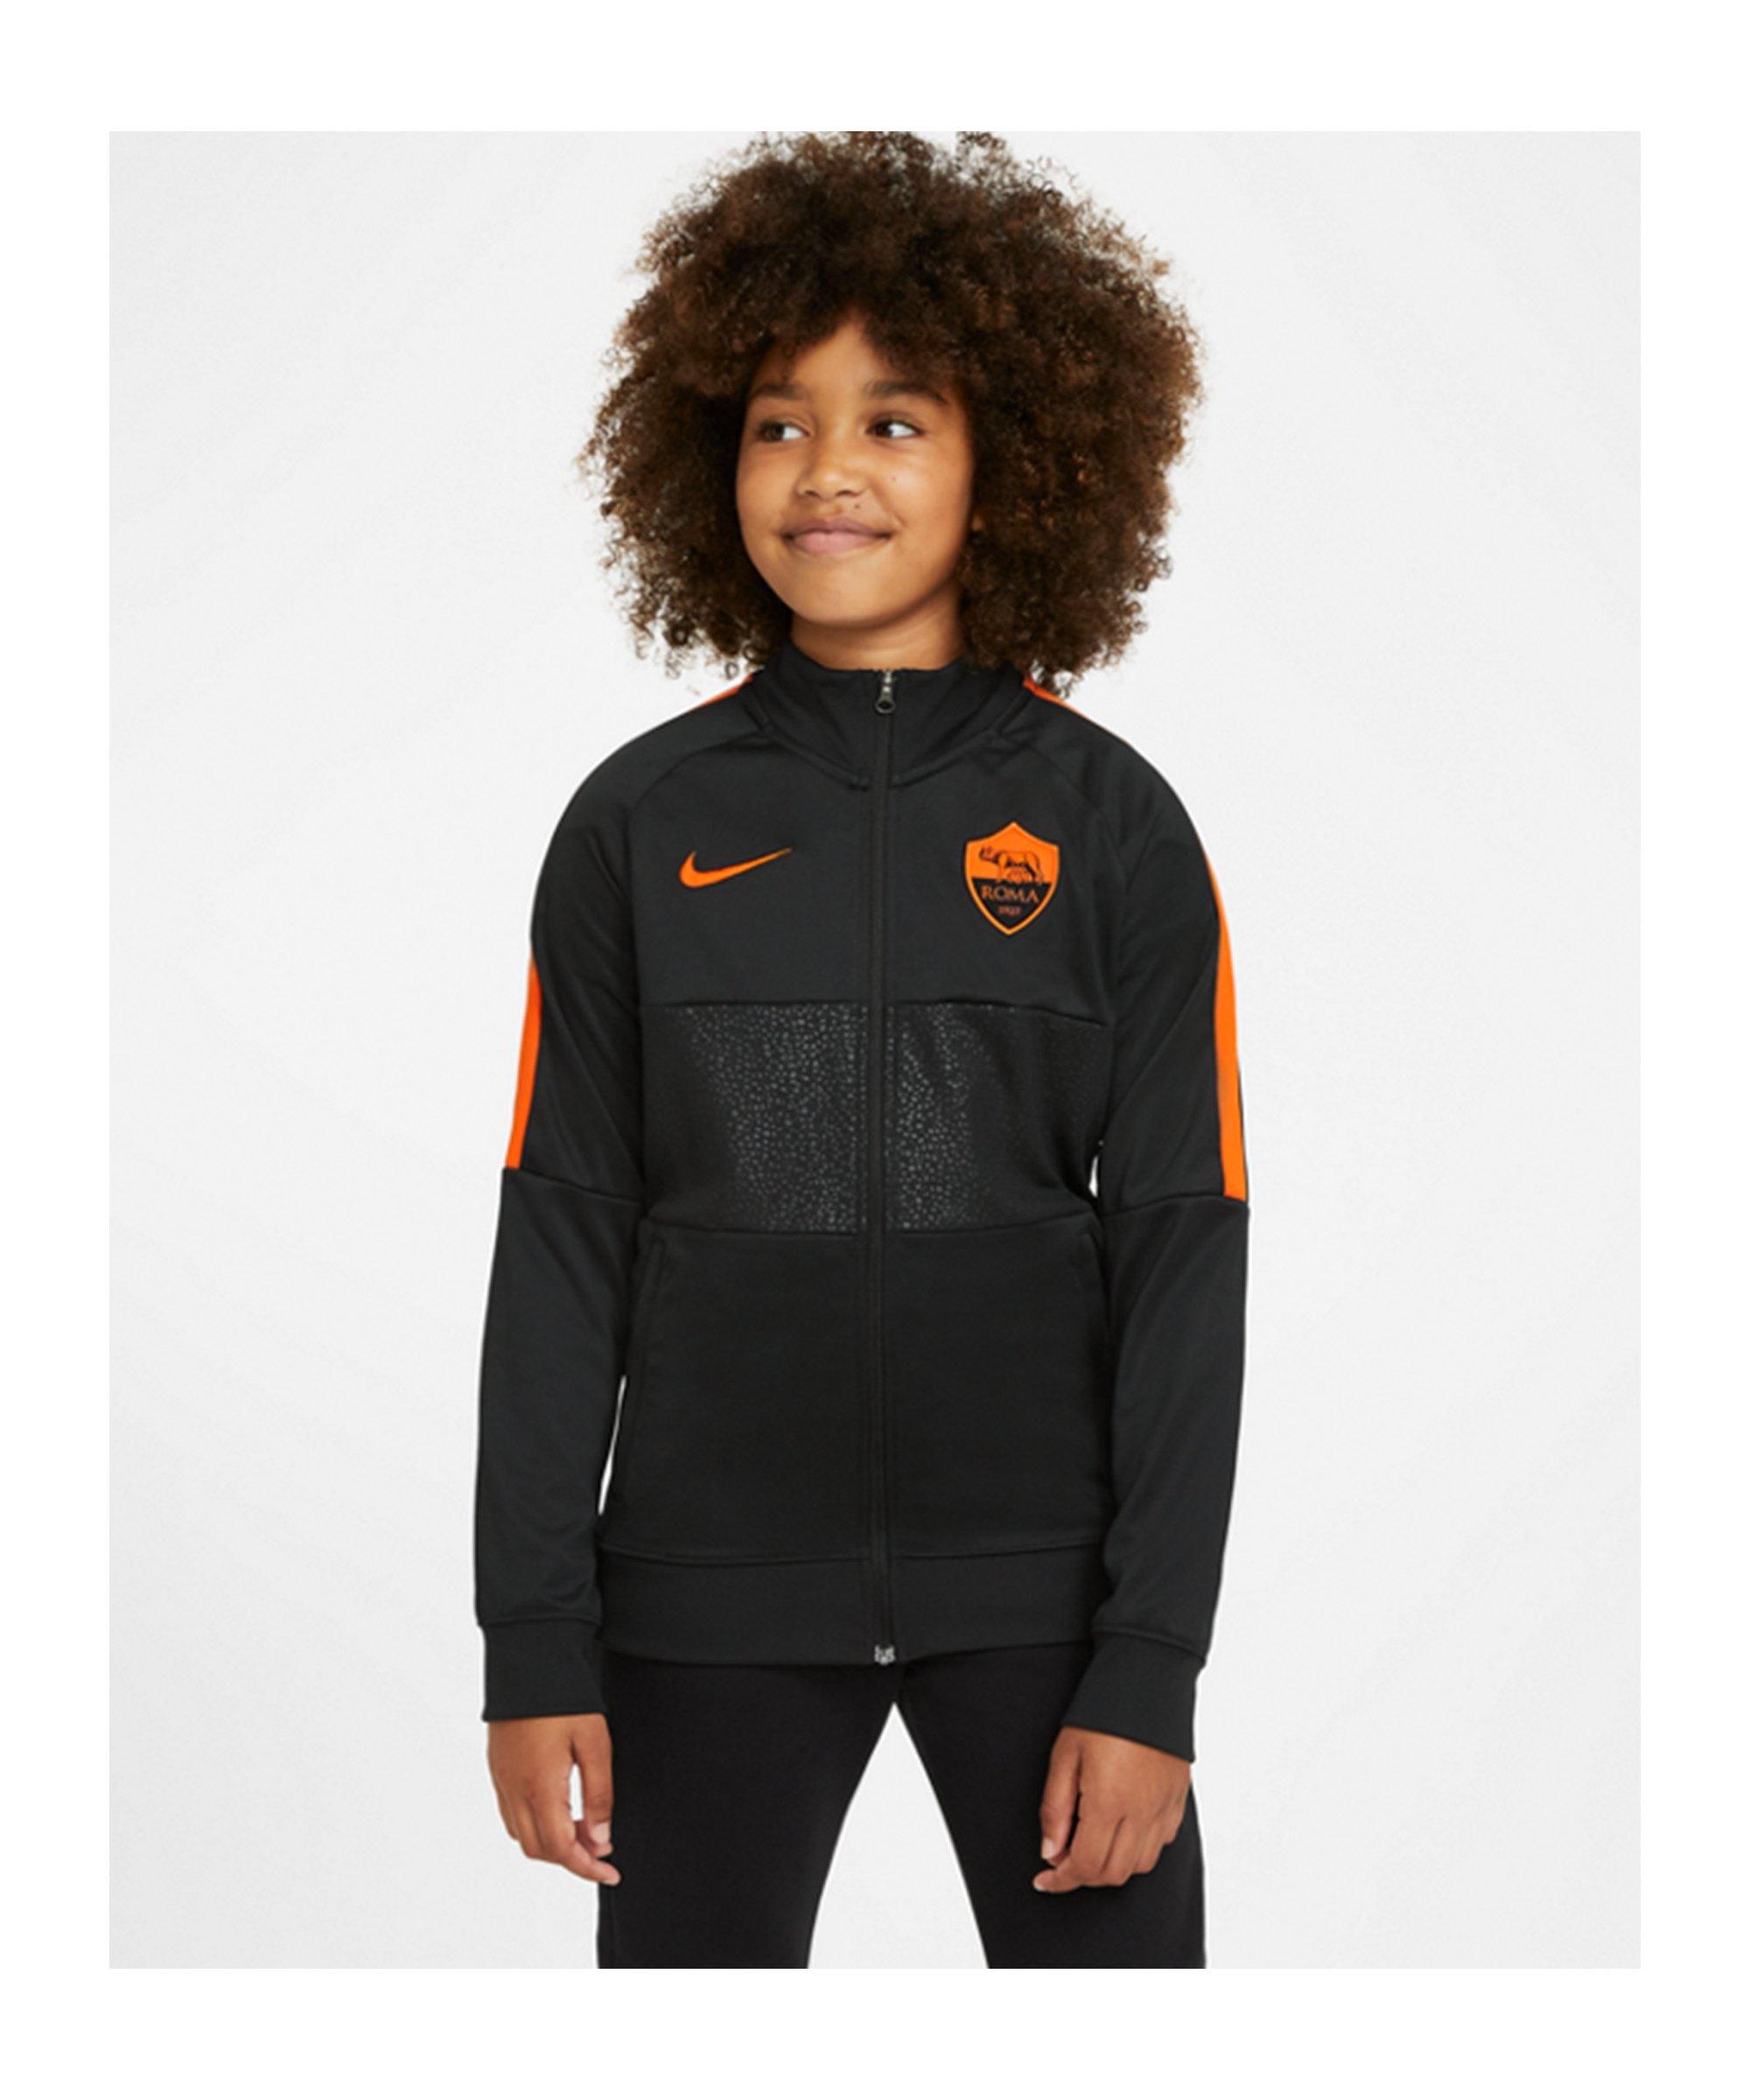 Nike AS Rom I96 Anthem Jacke CL Kids F010 - schwarz